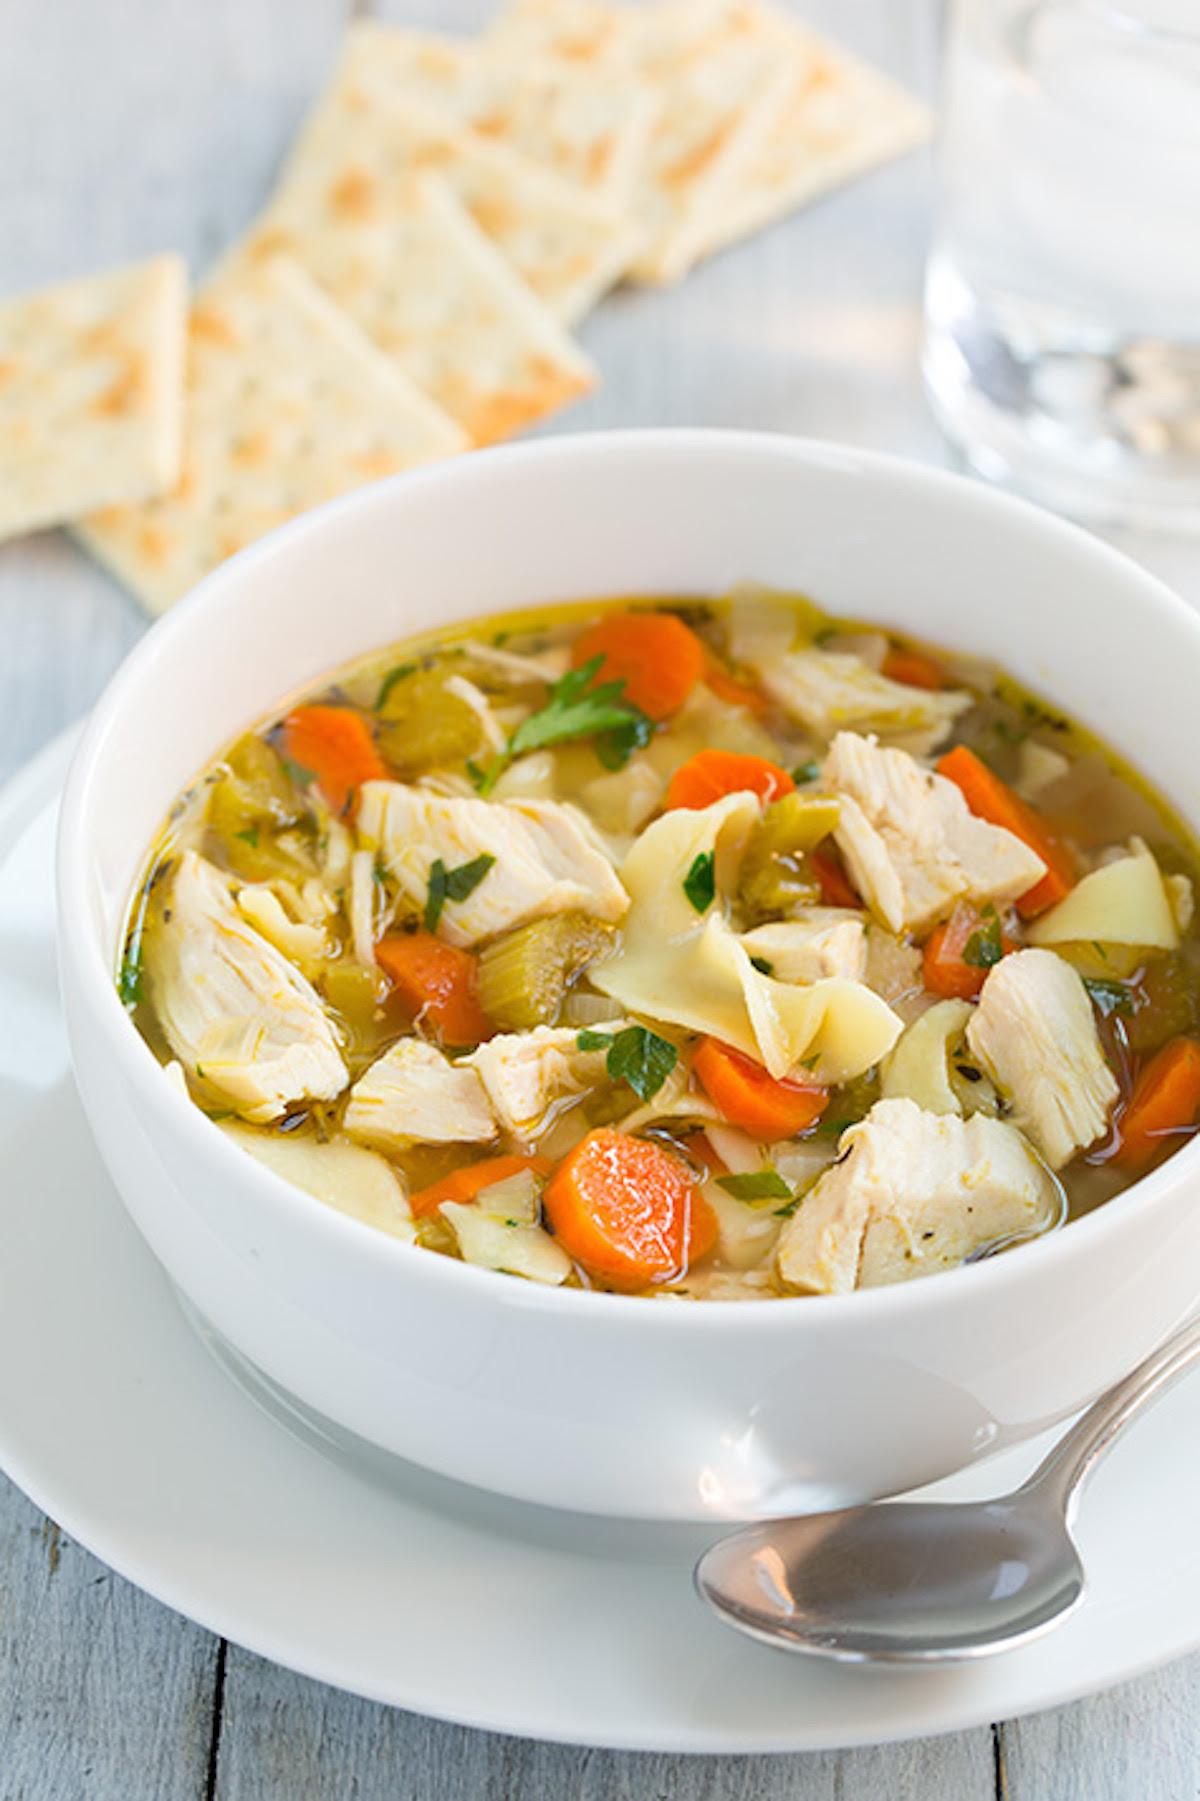 11 Easy Crock Pot Chicken Noodle Soup Recipes - Best Slow ...